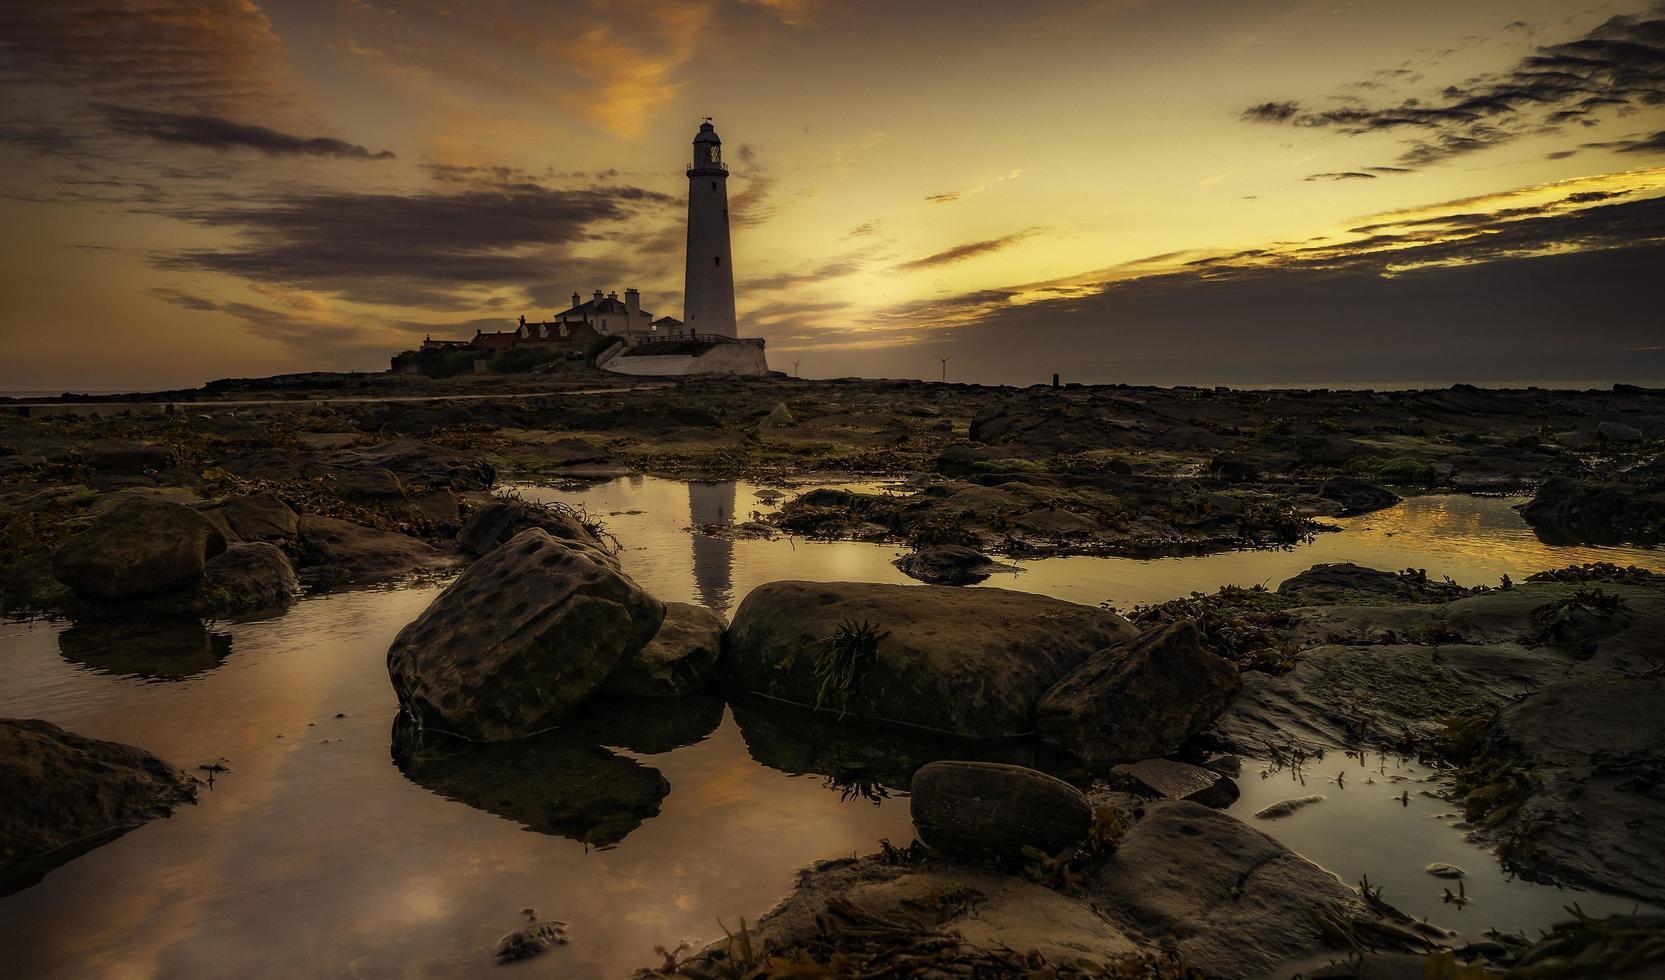 Leuchtturm am felsigen Ufer während des Sonnenuntergangs foto